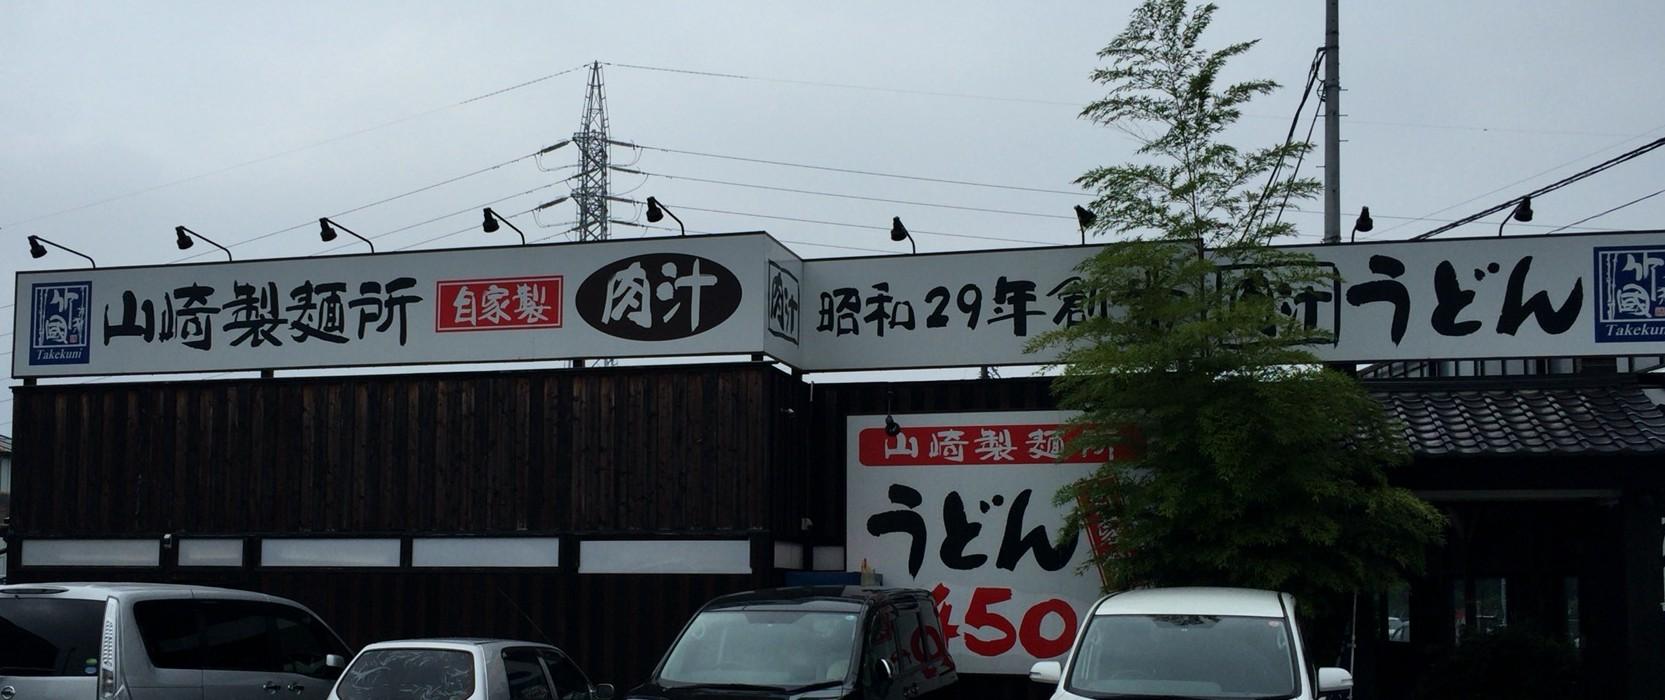 【狭山市】安くてでうどん食べ放題!!竹國 新狭山店